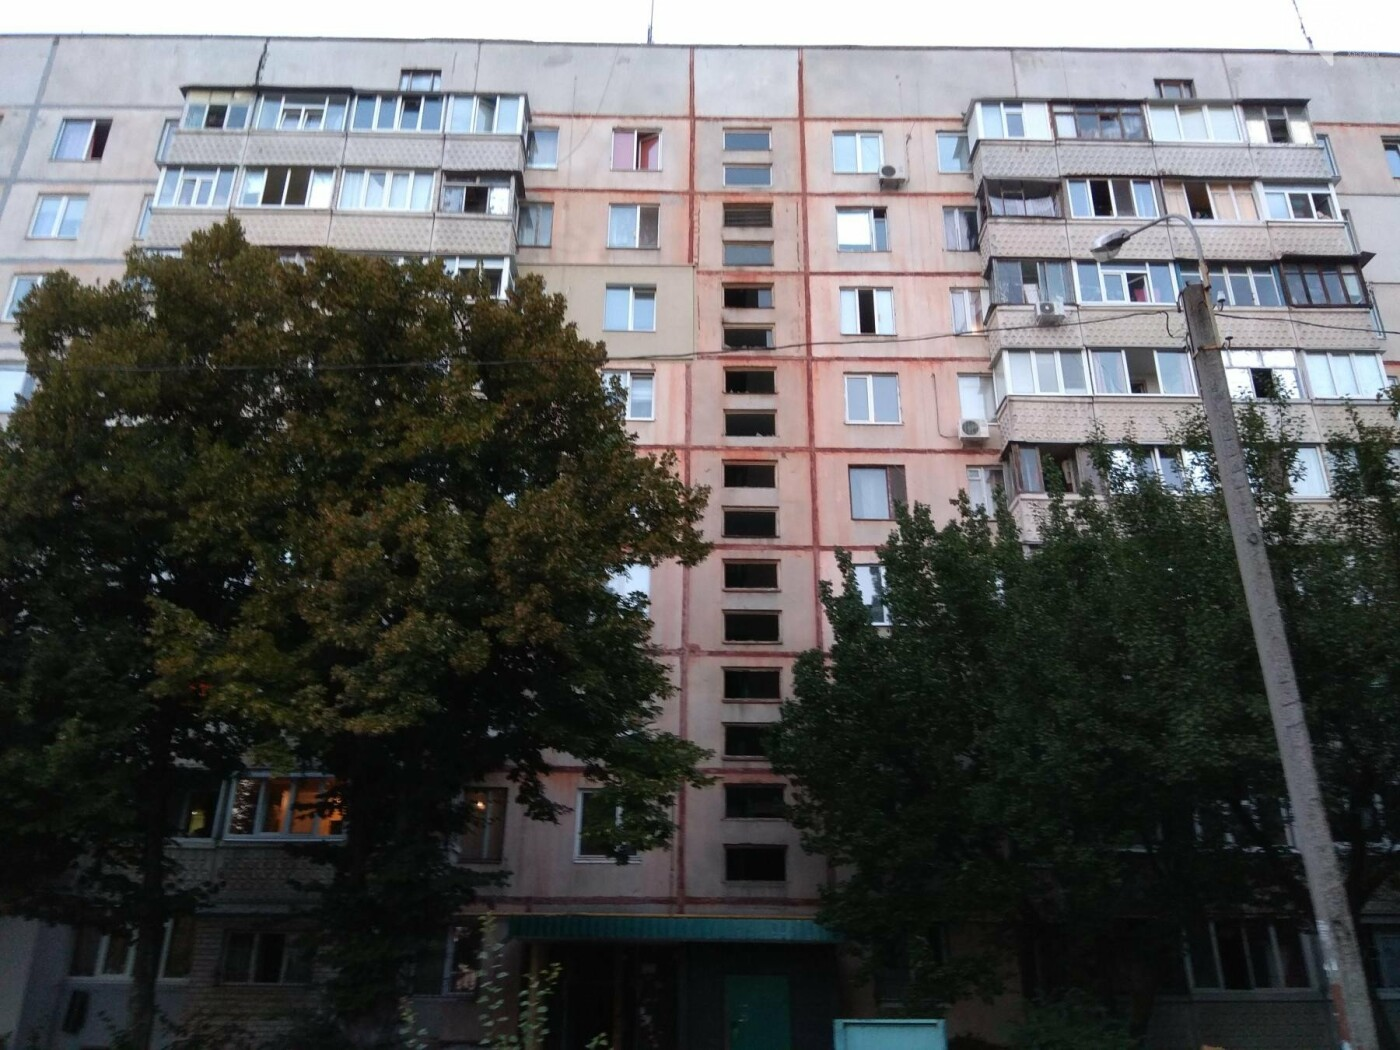 В Харькове ремонтируют многоэтажку на Танкопия, где произошел взрыв, - ФОТО, фото-2